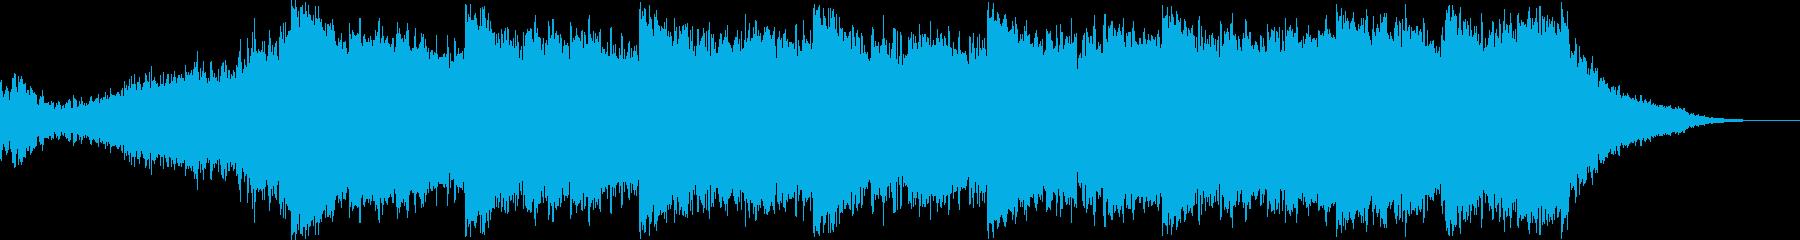 シンセパッドと環境音とベースの旋律の再生済みの波形